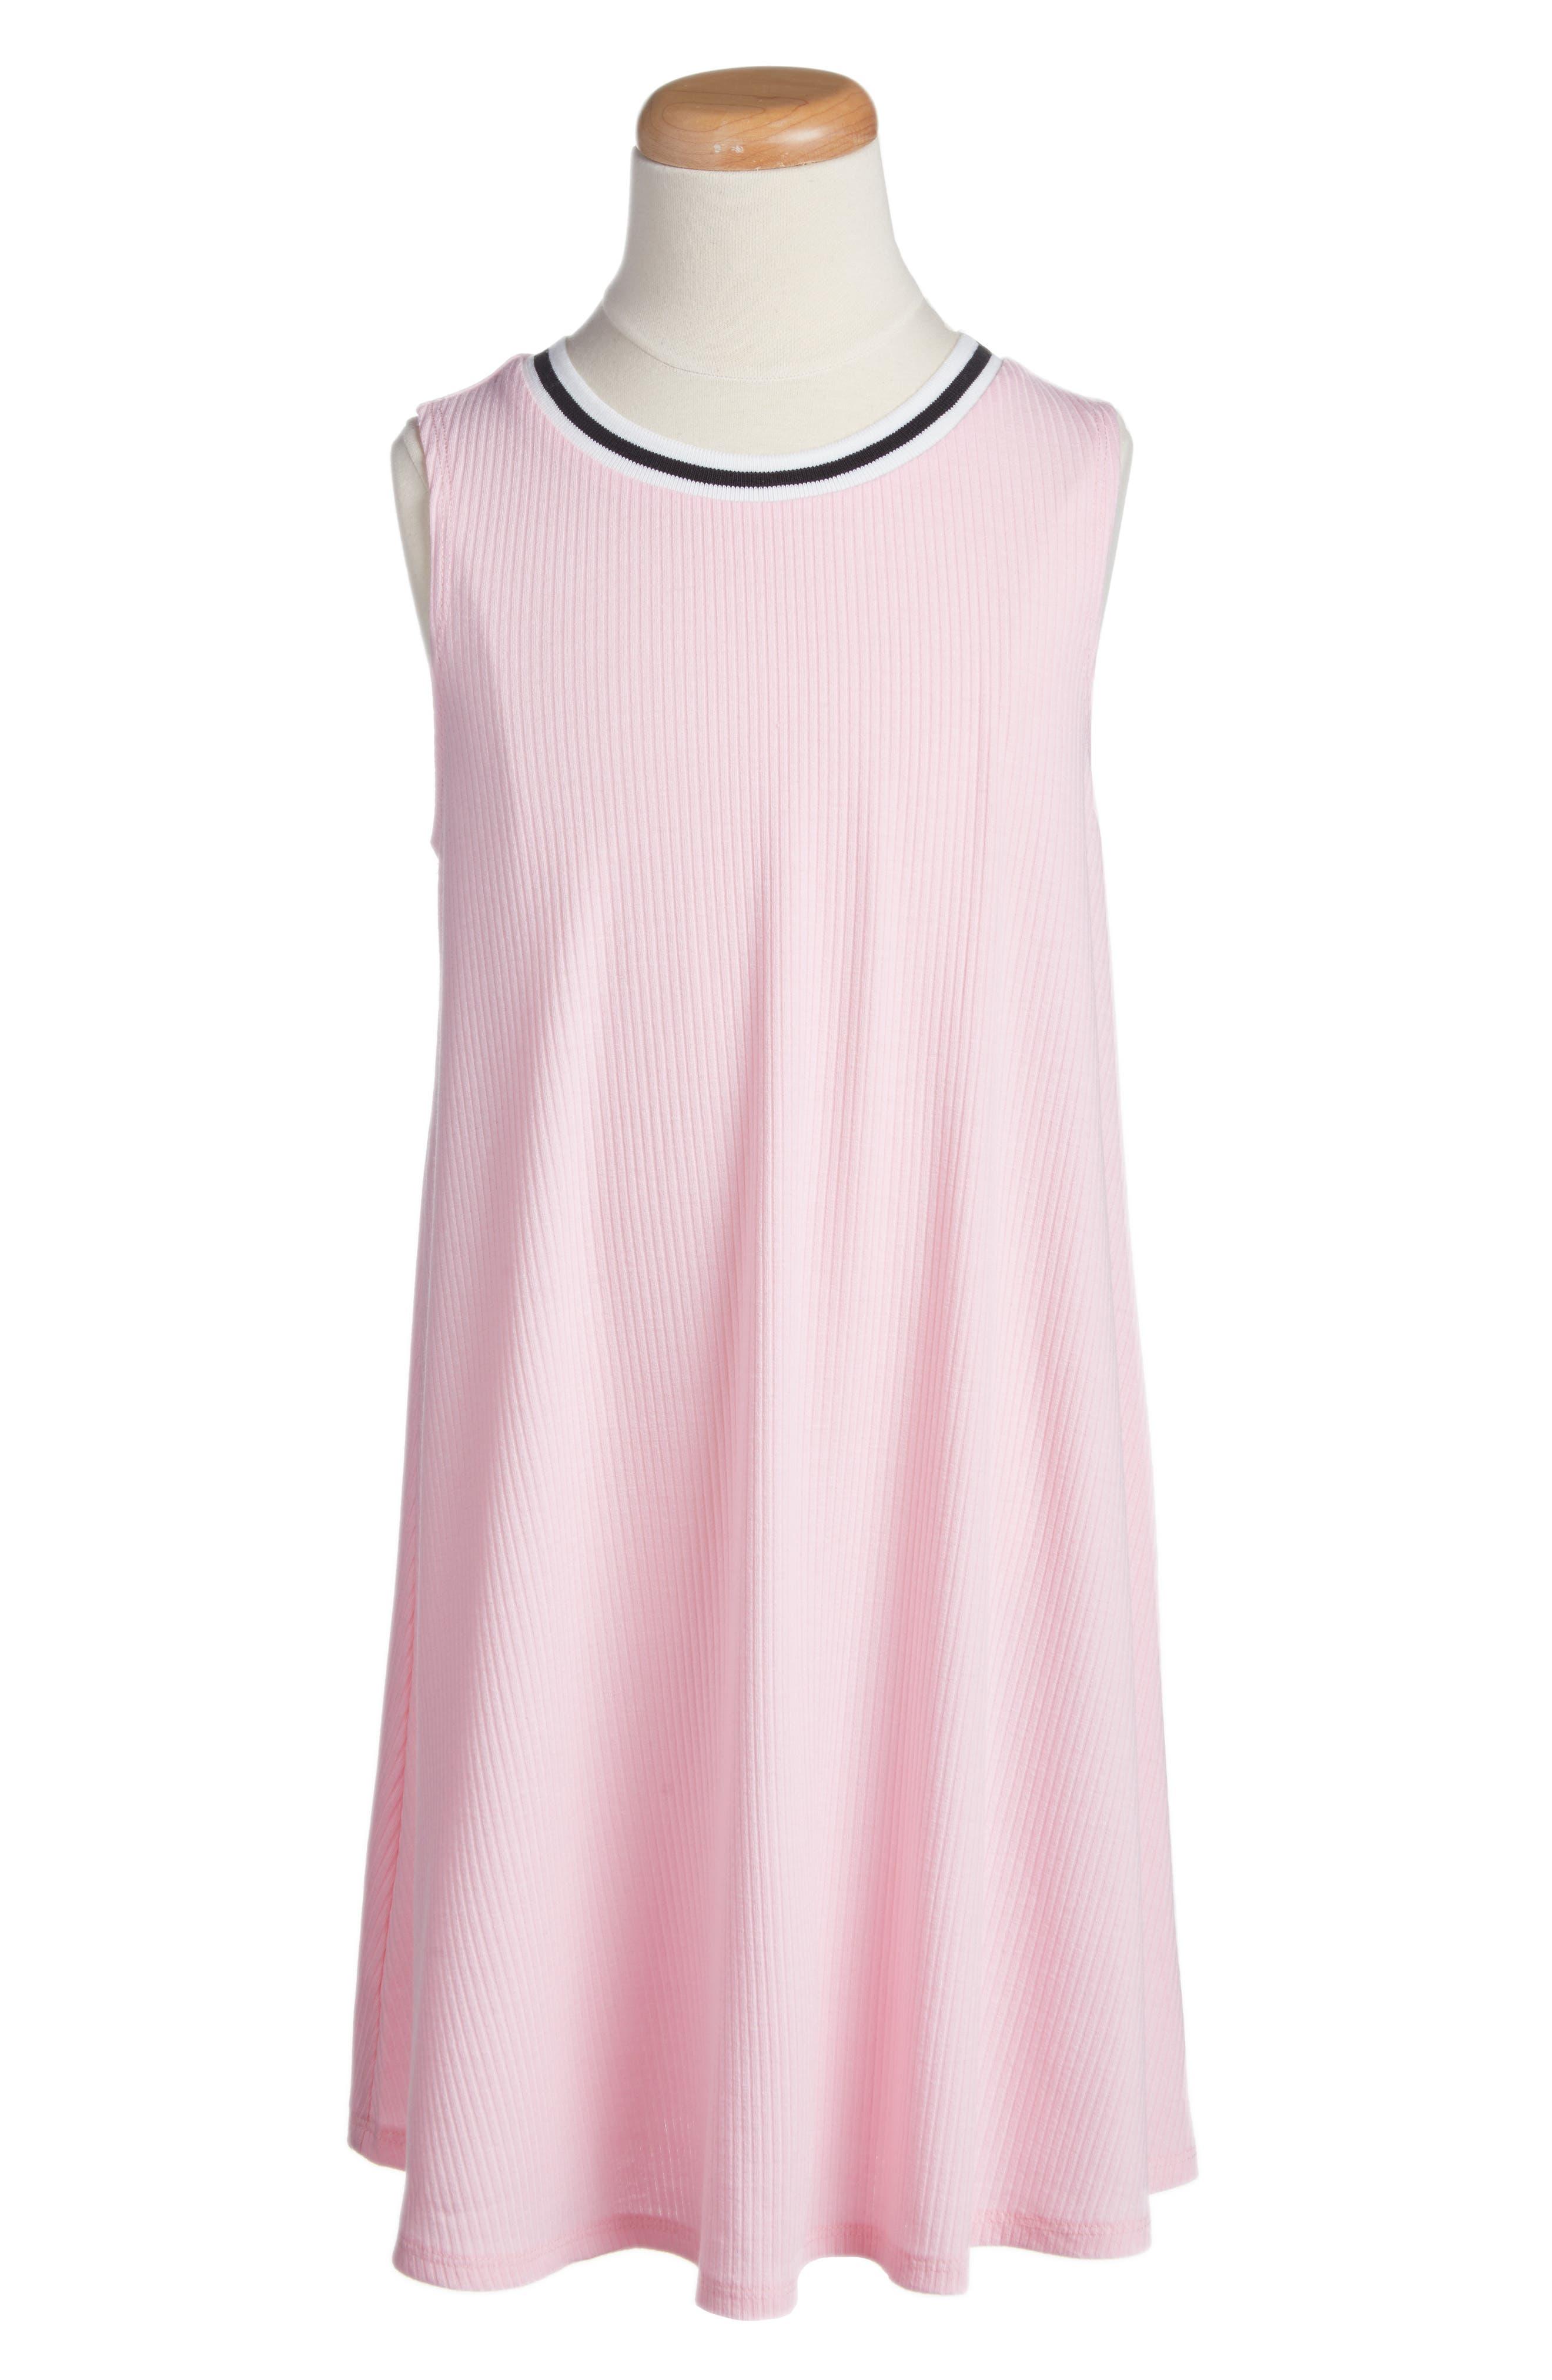 Ringer Tank Dress,                             Main thumbnail 1, color,                             Cameo Pink